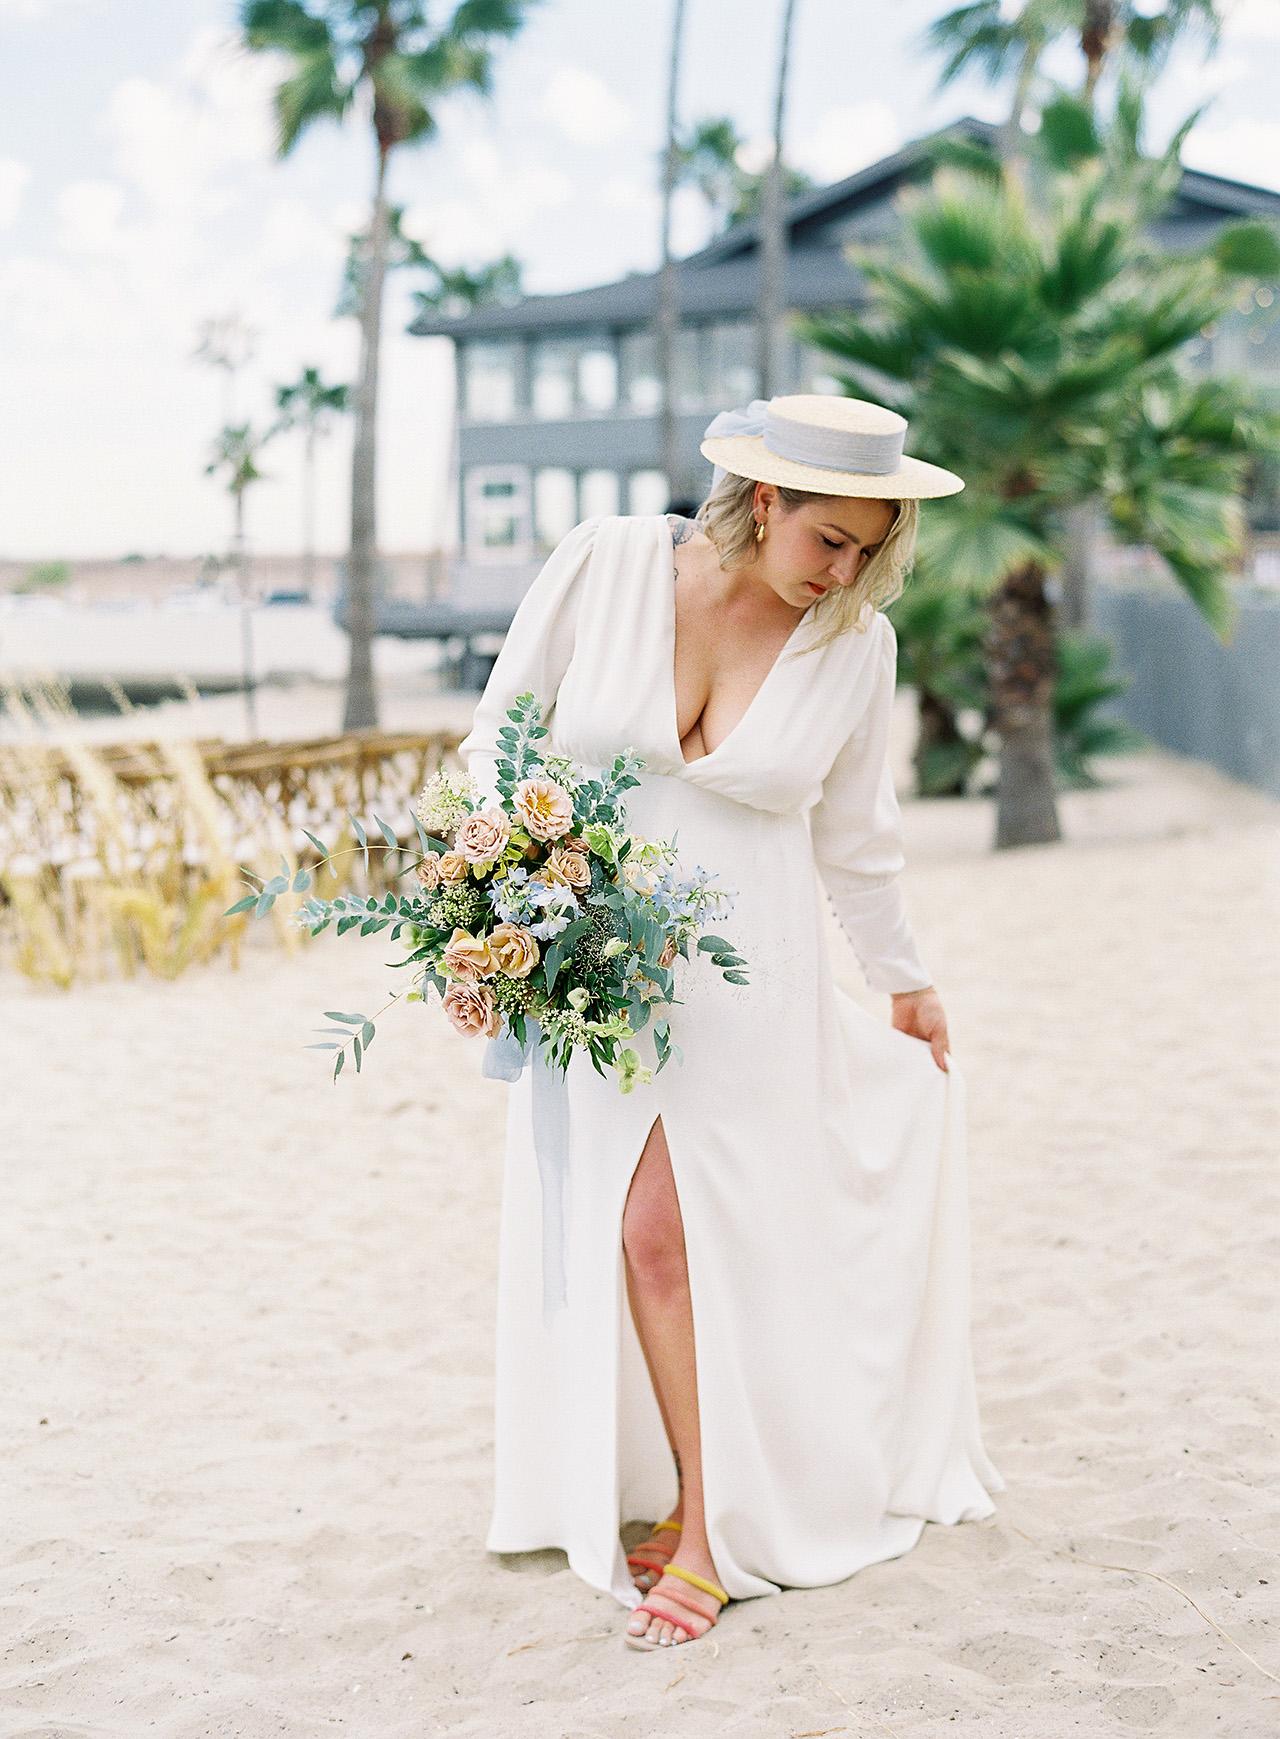 janelle stephen wedding bride